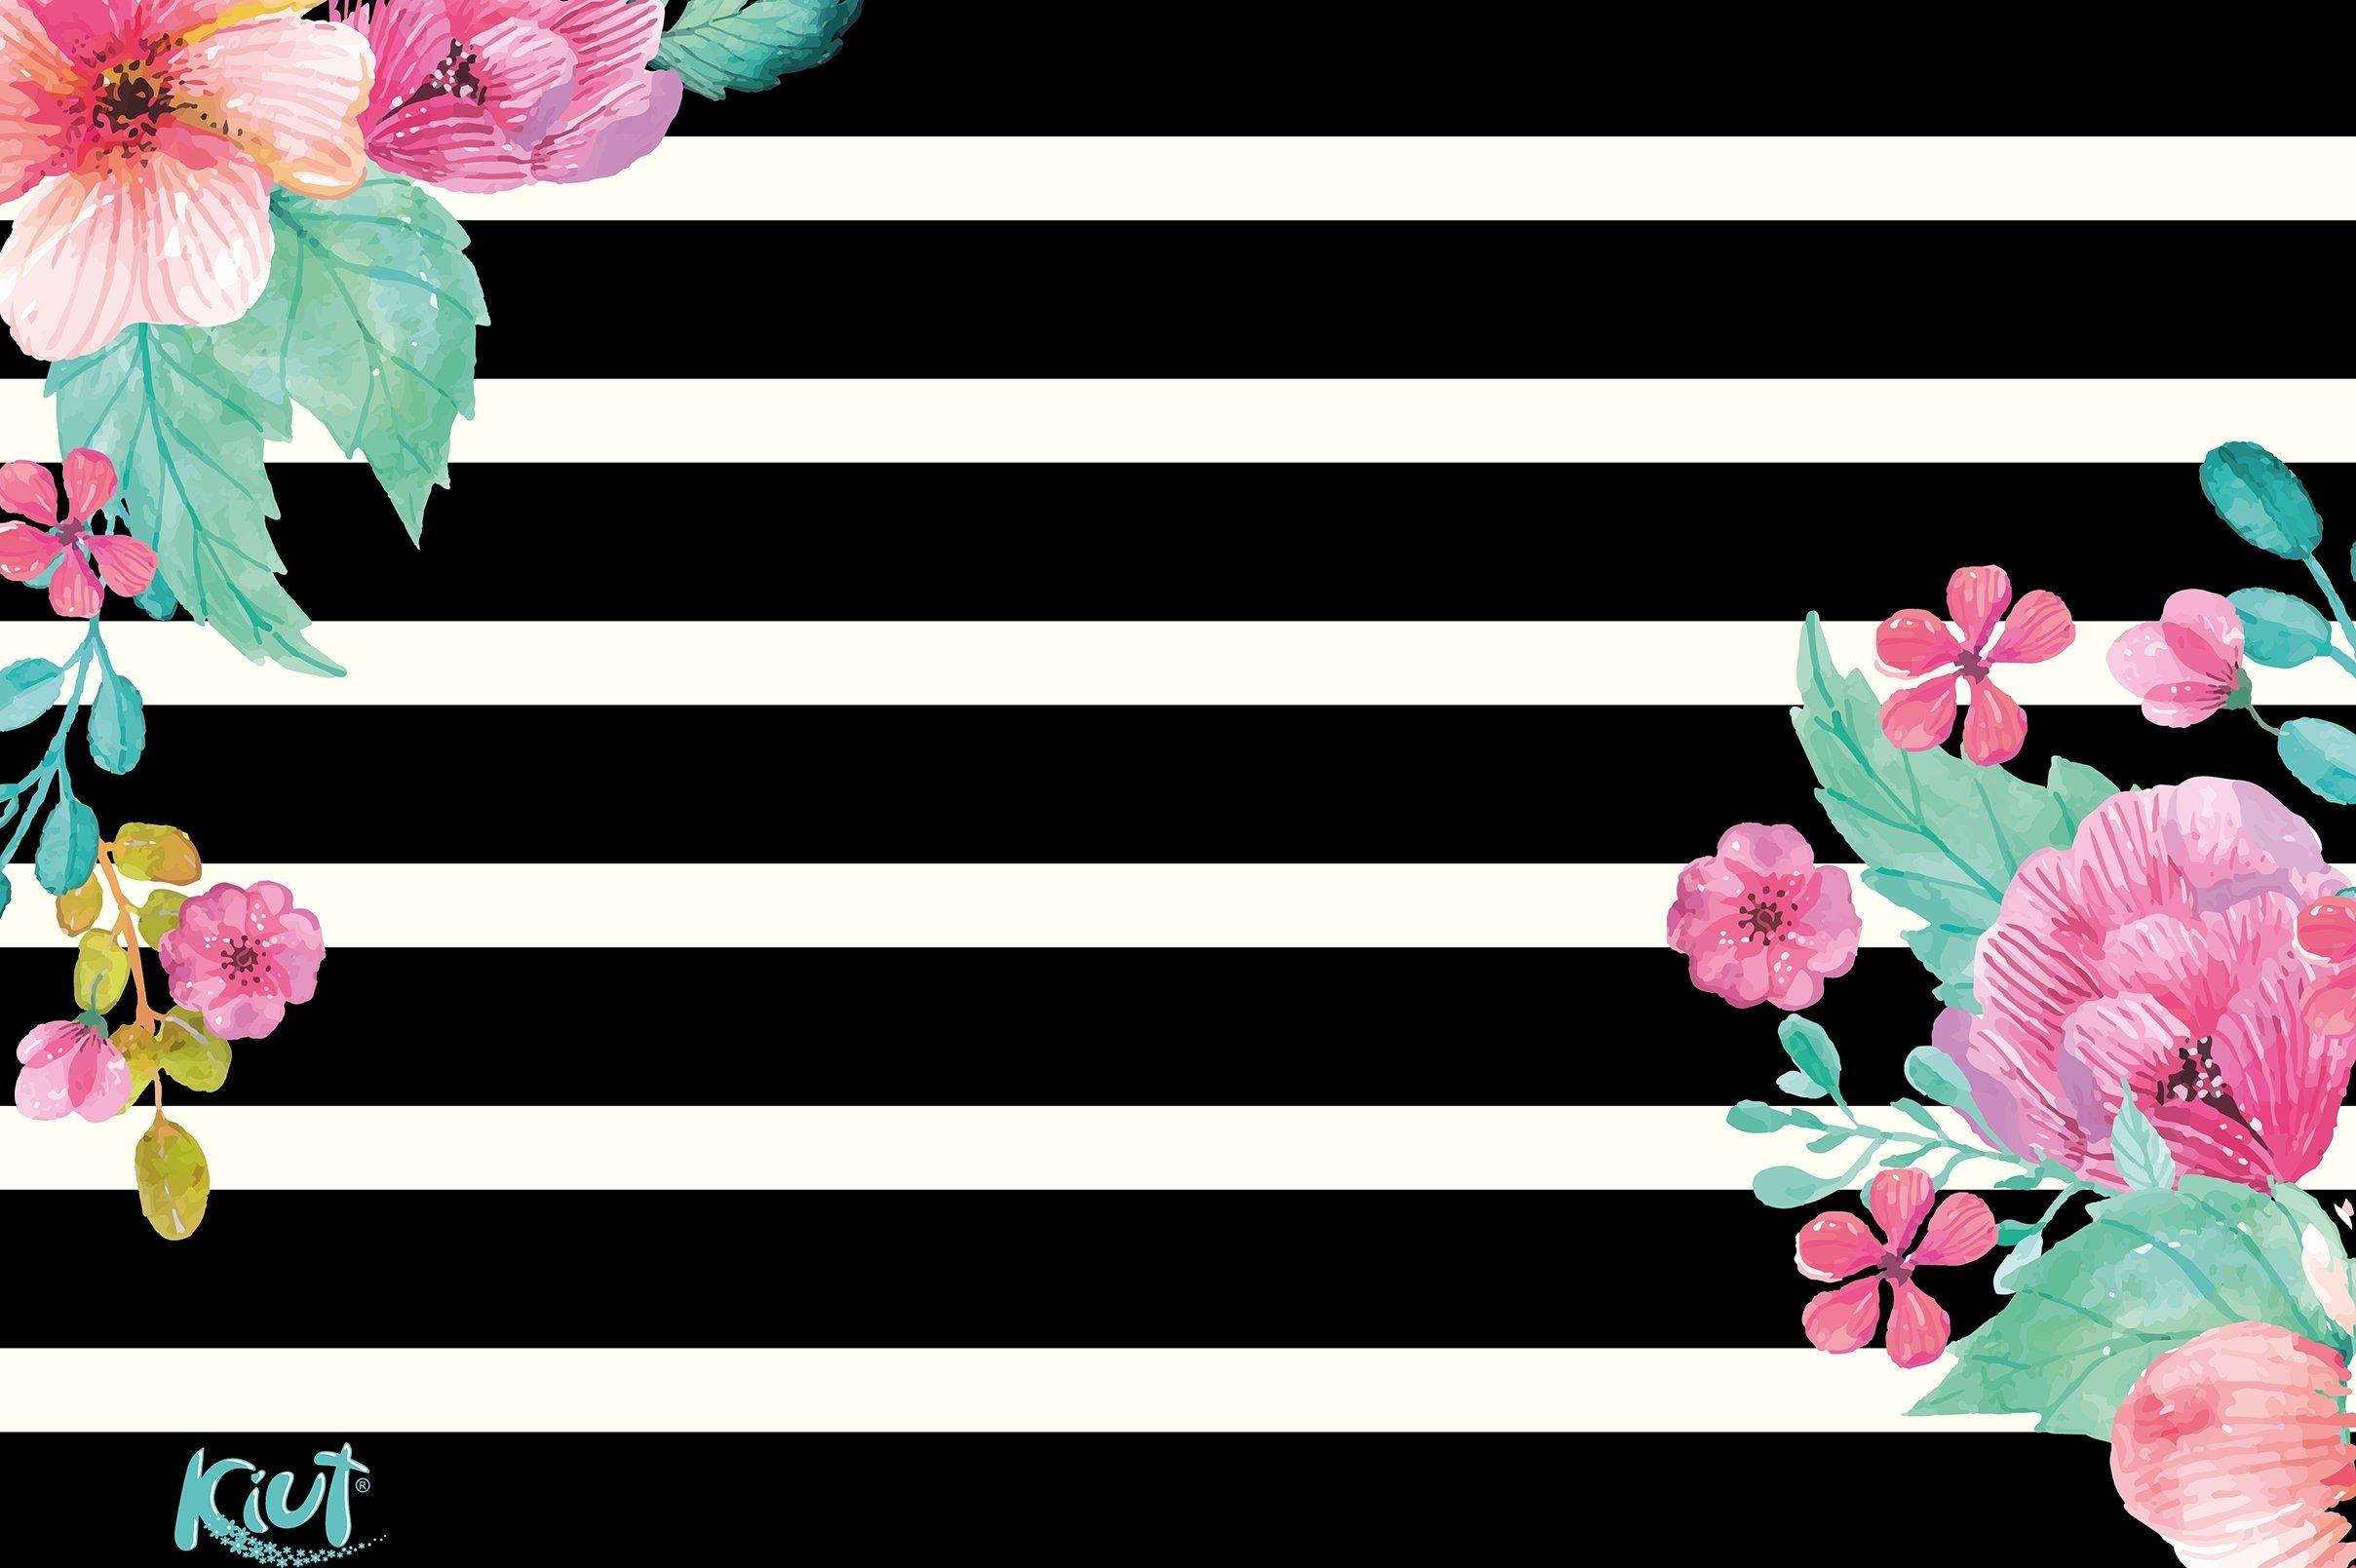 Fondos de pantalla Kiut Flores en lineas blancas y negras